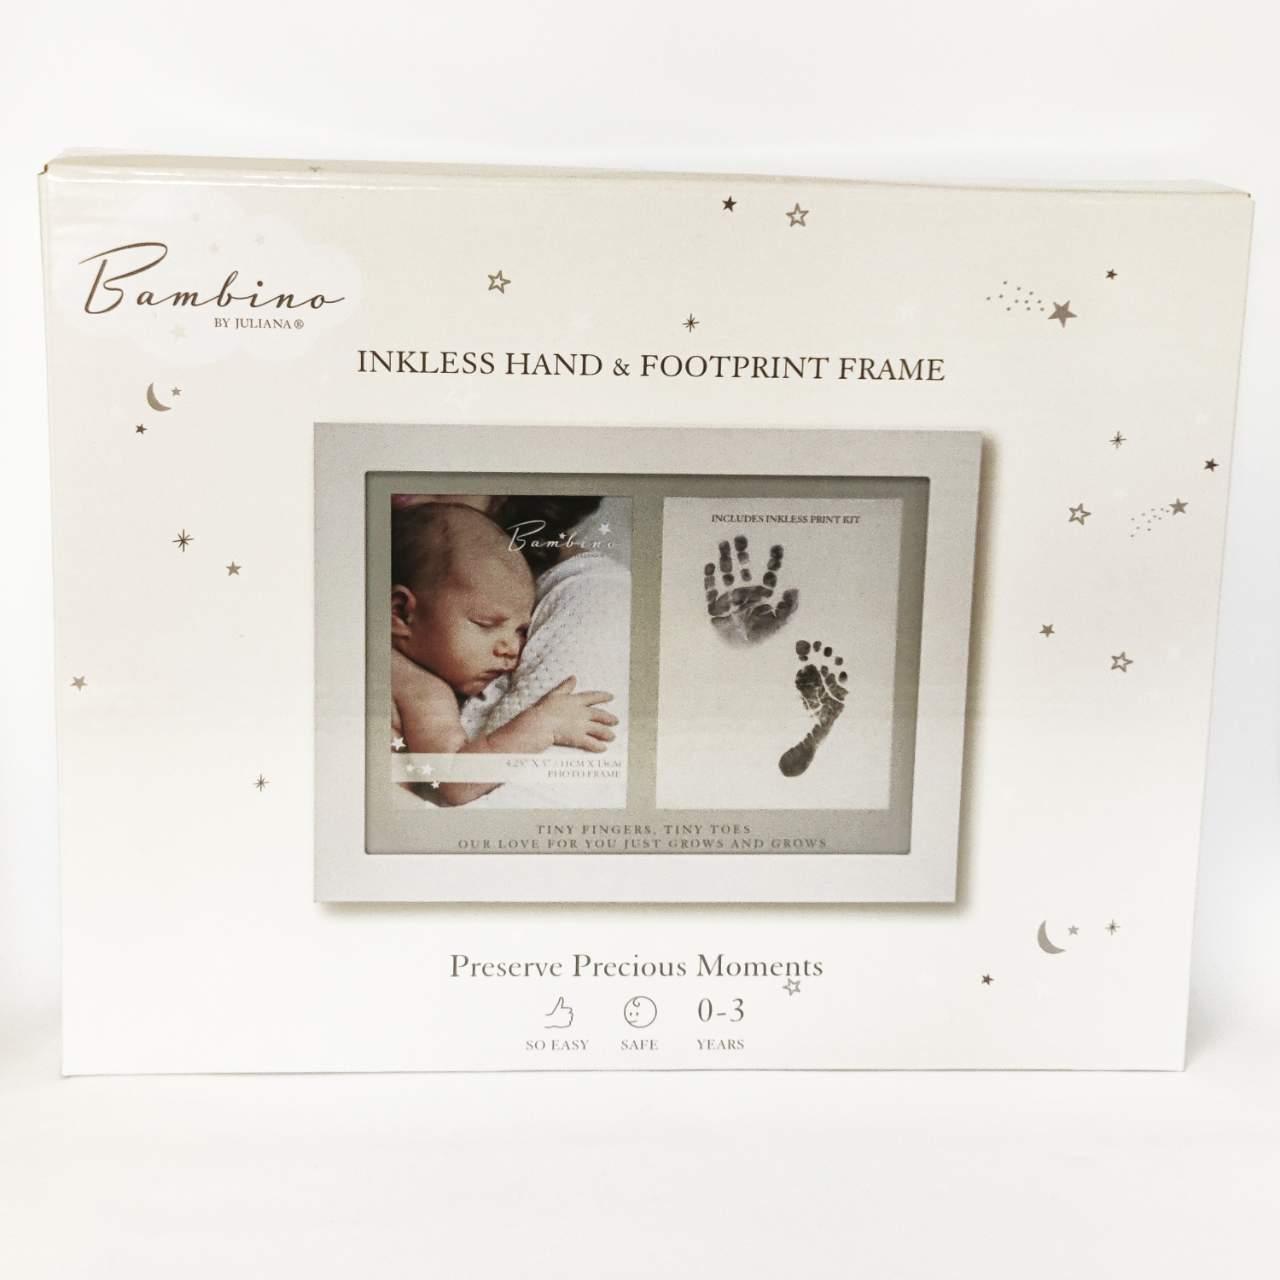 kaunis valokuvakehys, johon saa vauvan valokuvan sekä käden- ja jalajäljen